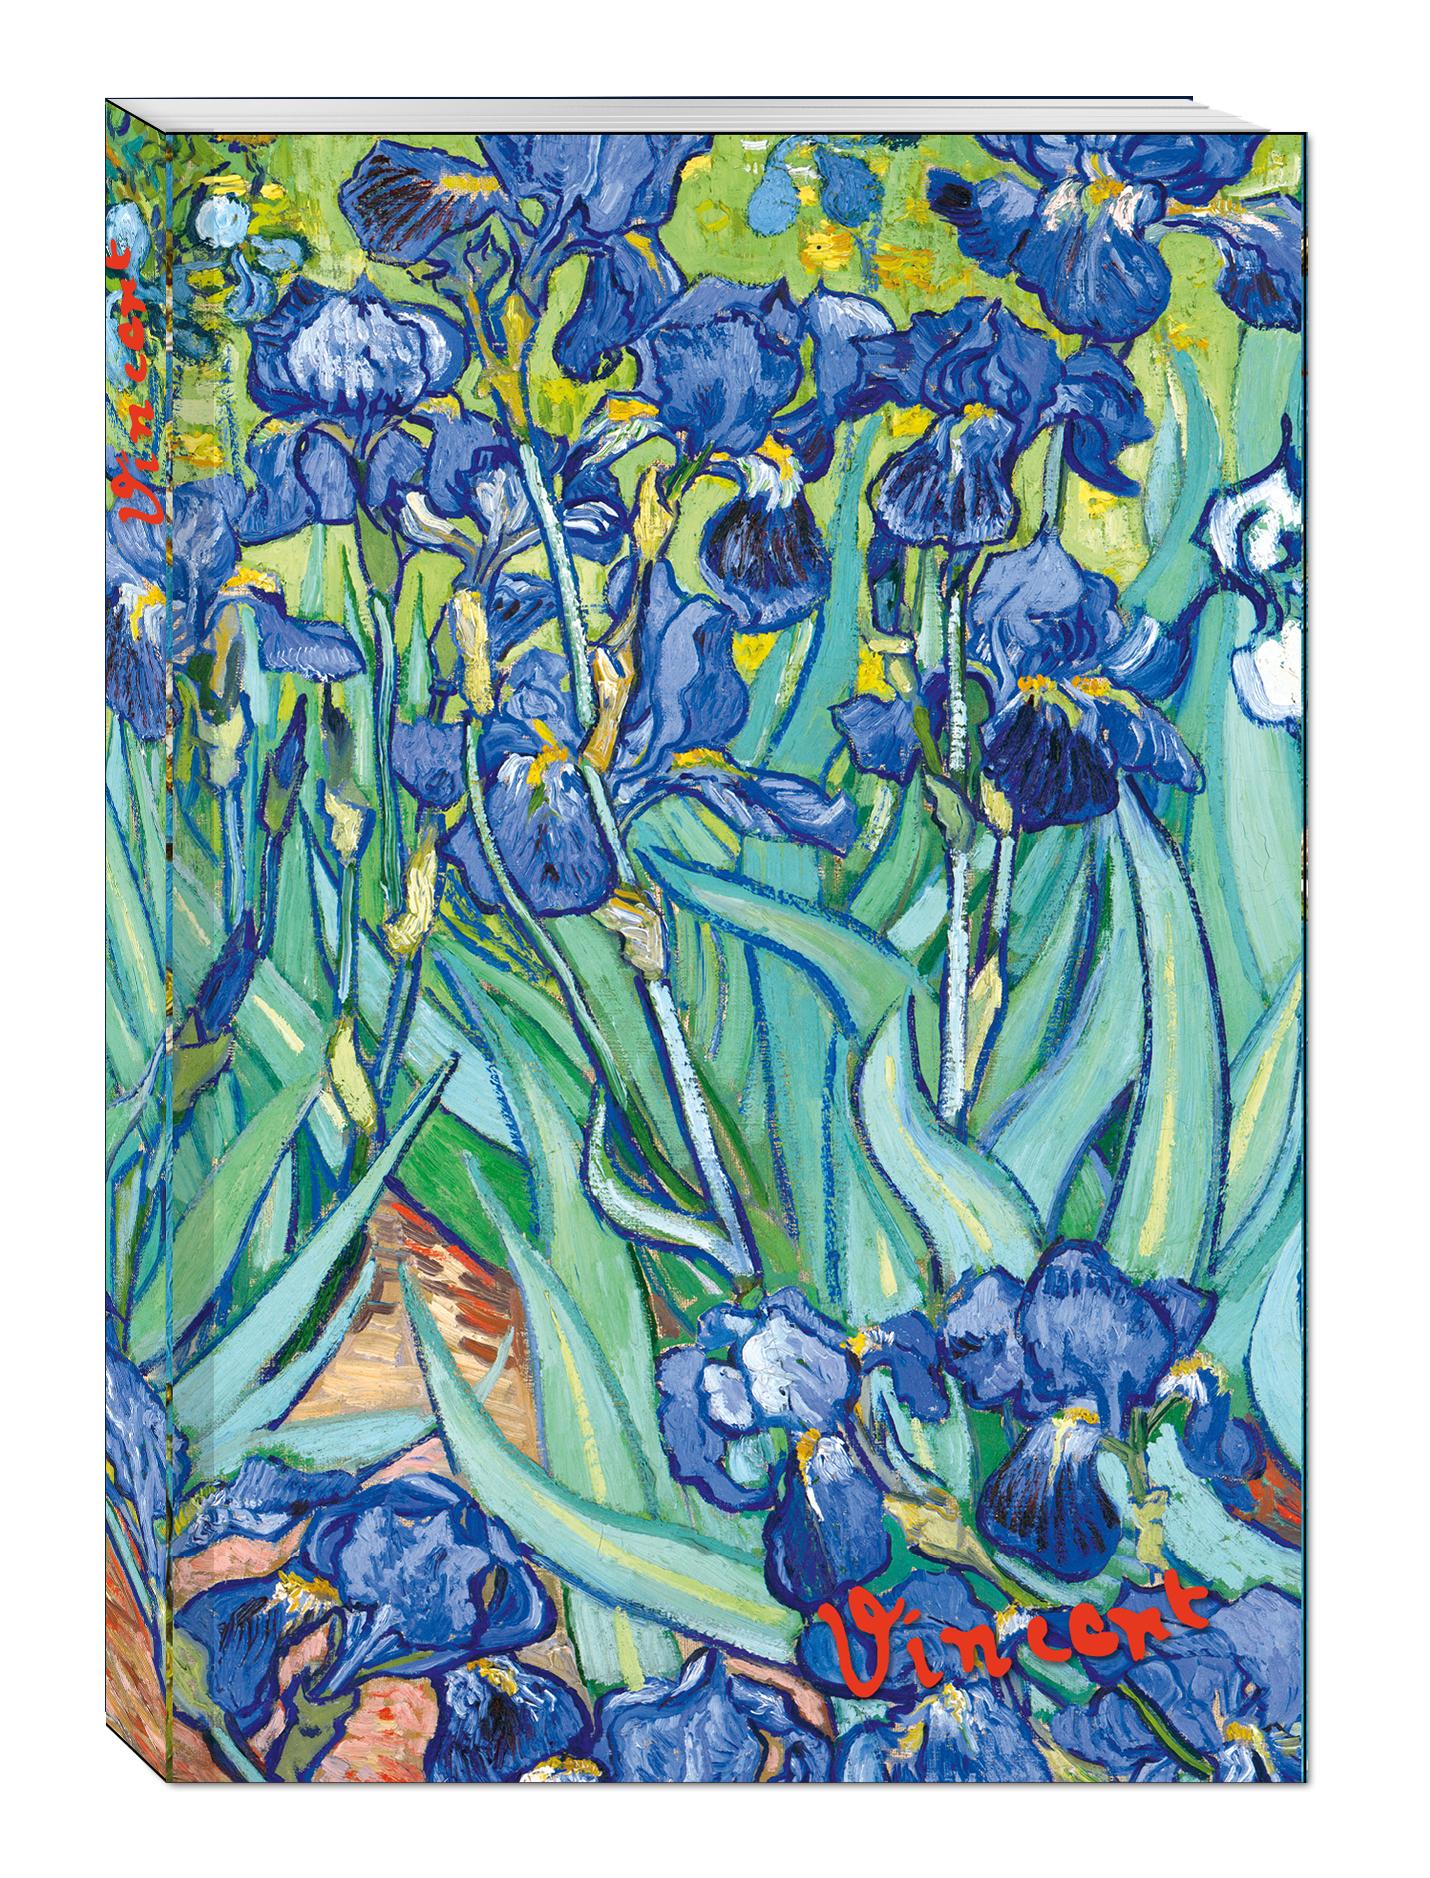 Блокнот в пластиковой обложке. Ван Гог. Ирисы (формат А5, 160 стр.) (Арте) блокнот не трогай мой блокнот а5 144 стр